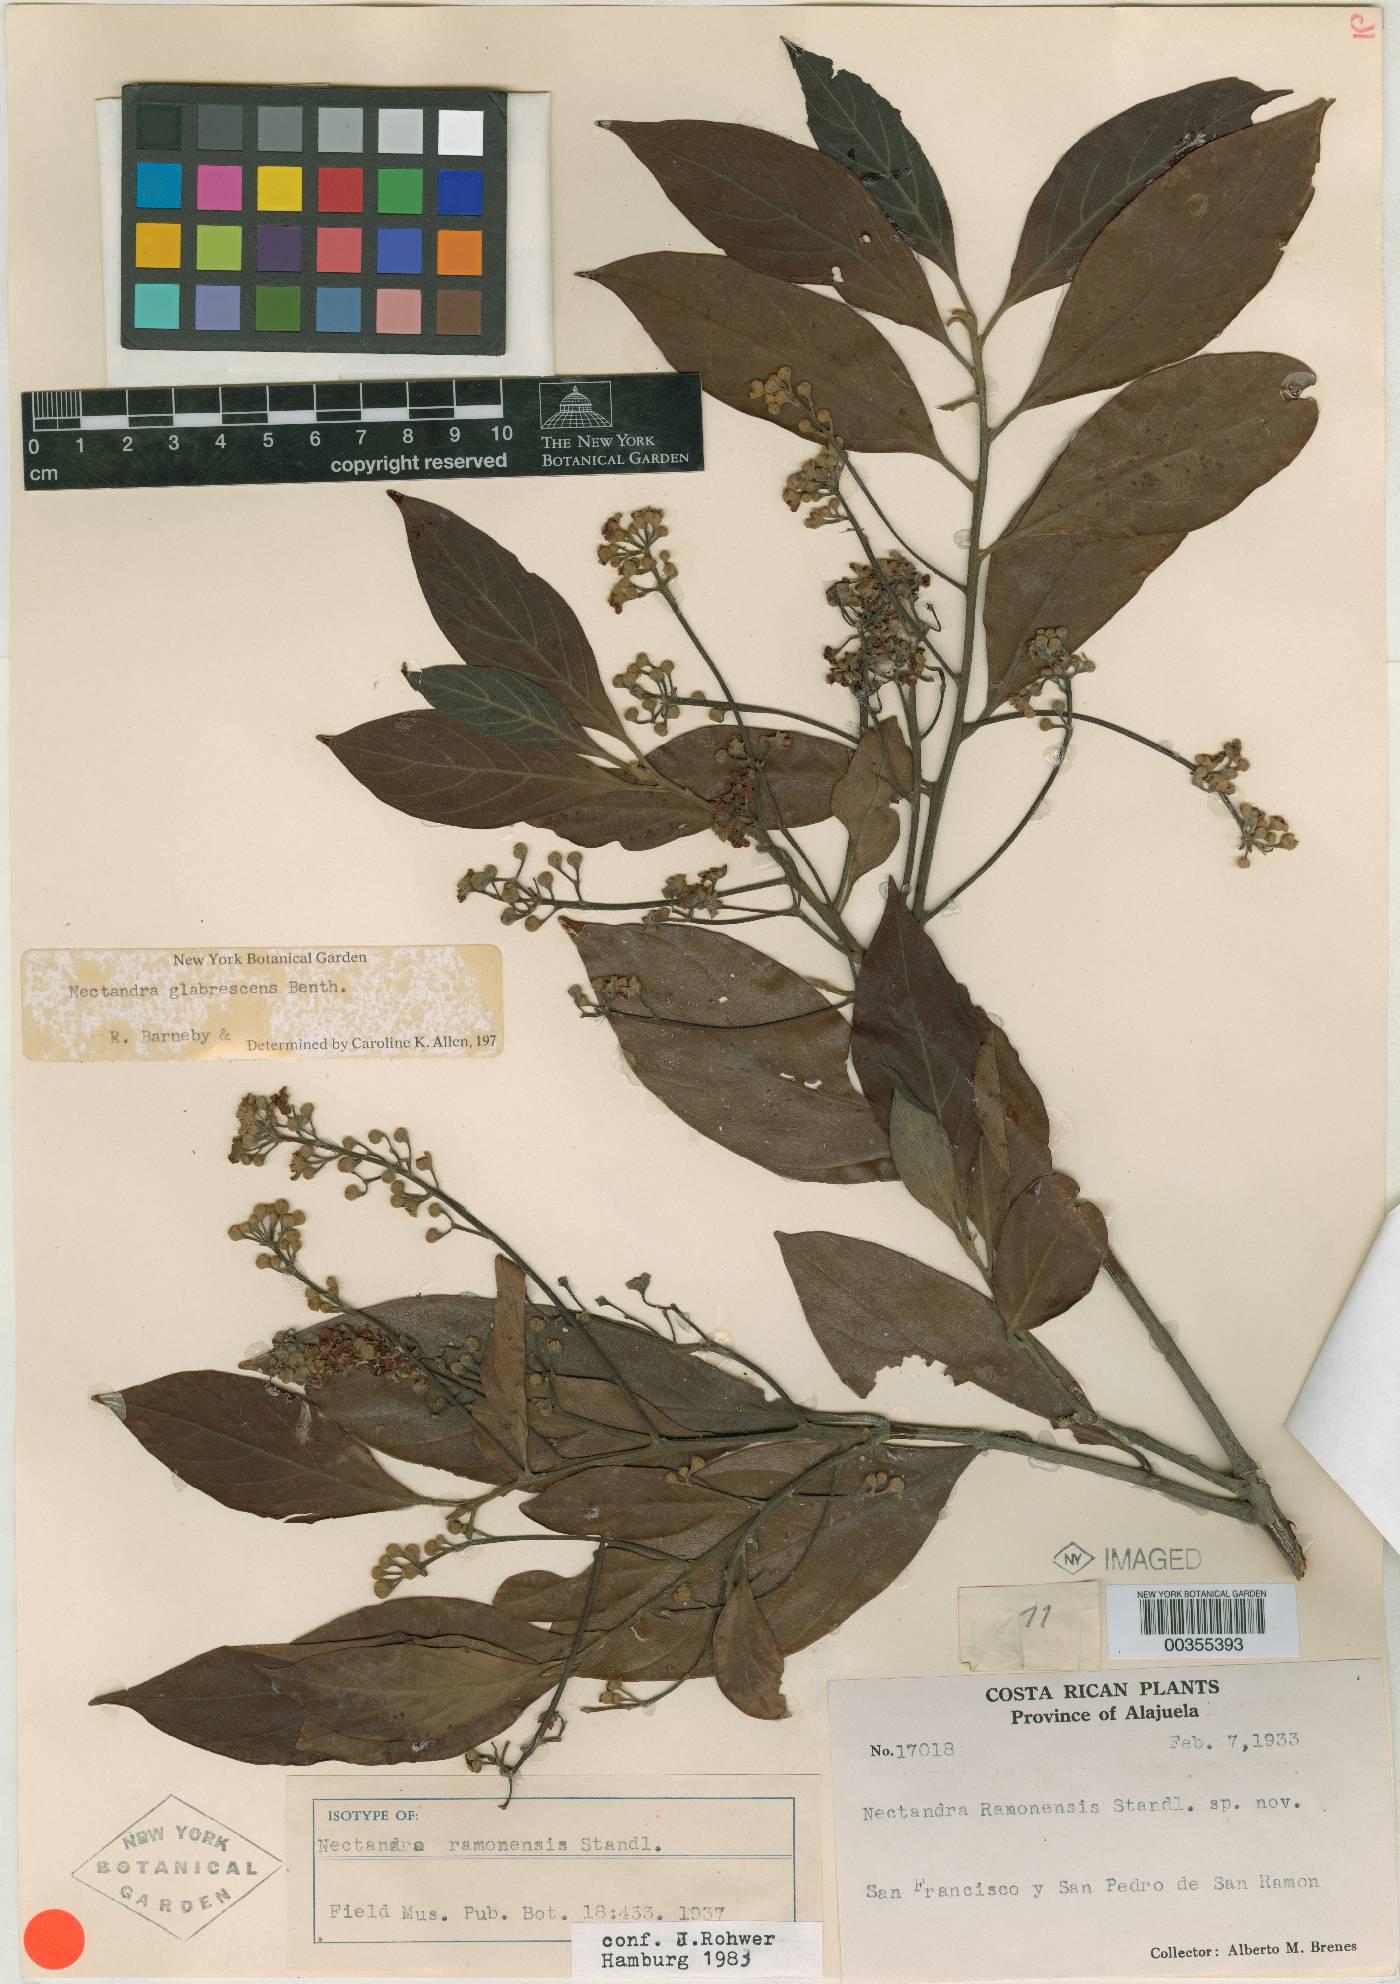 Nectandra ramonensis image